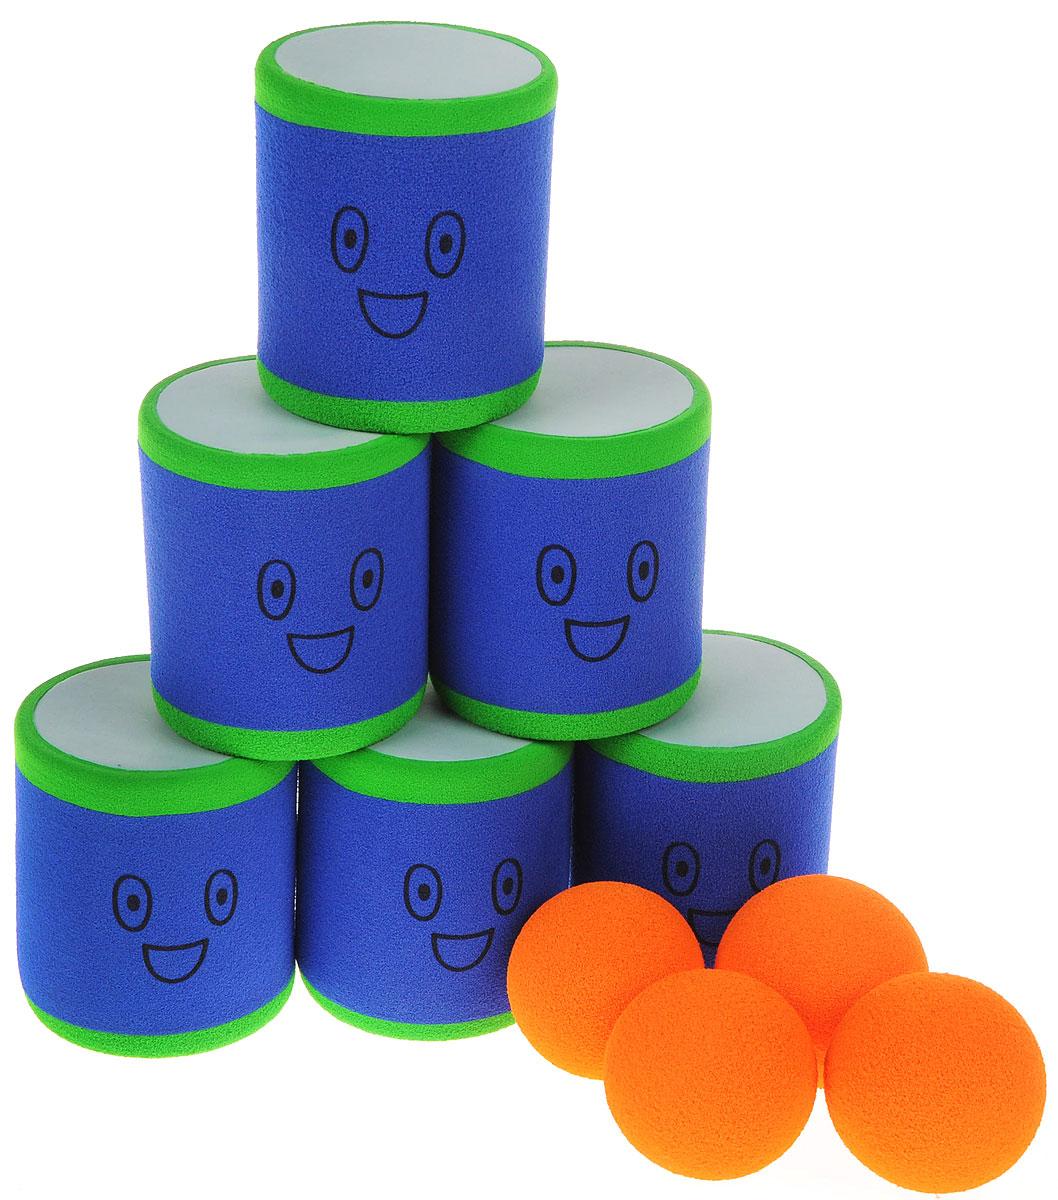 Safsof Игровой набор Городки цвет синий оранжевый зеленый